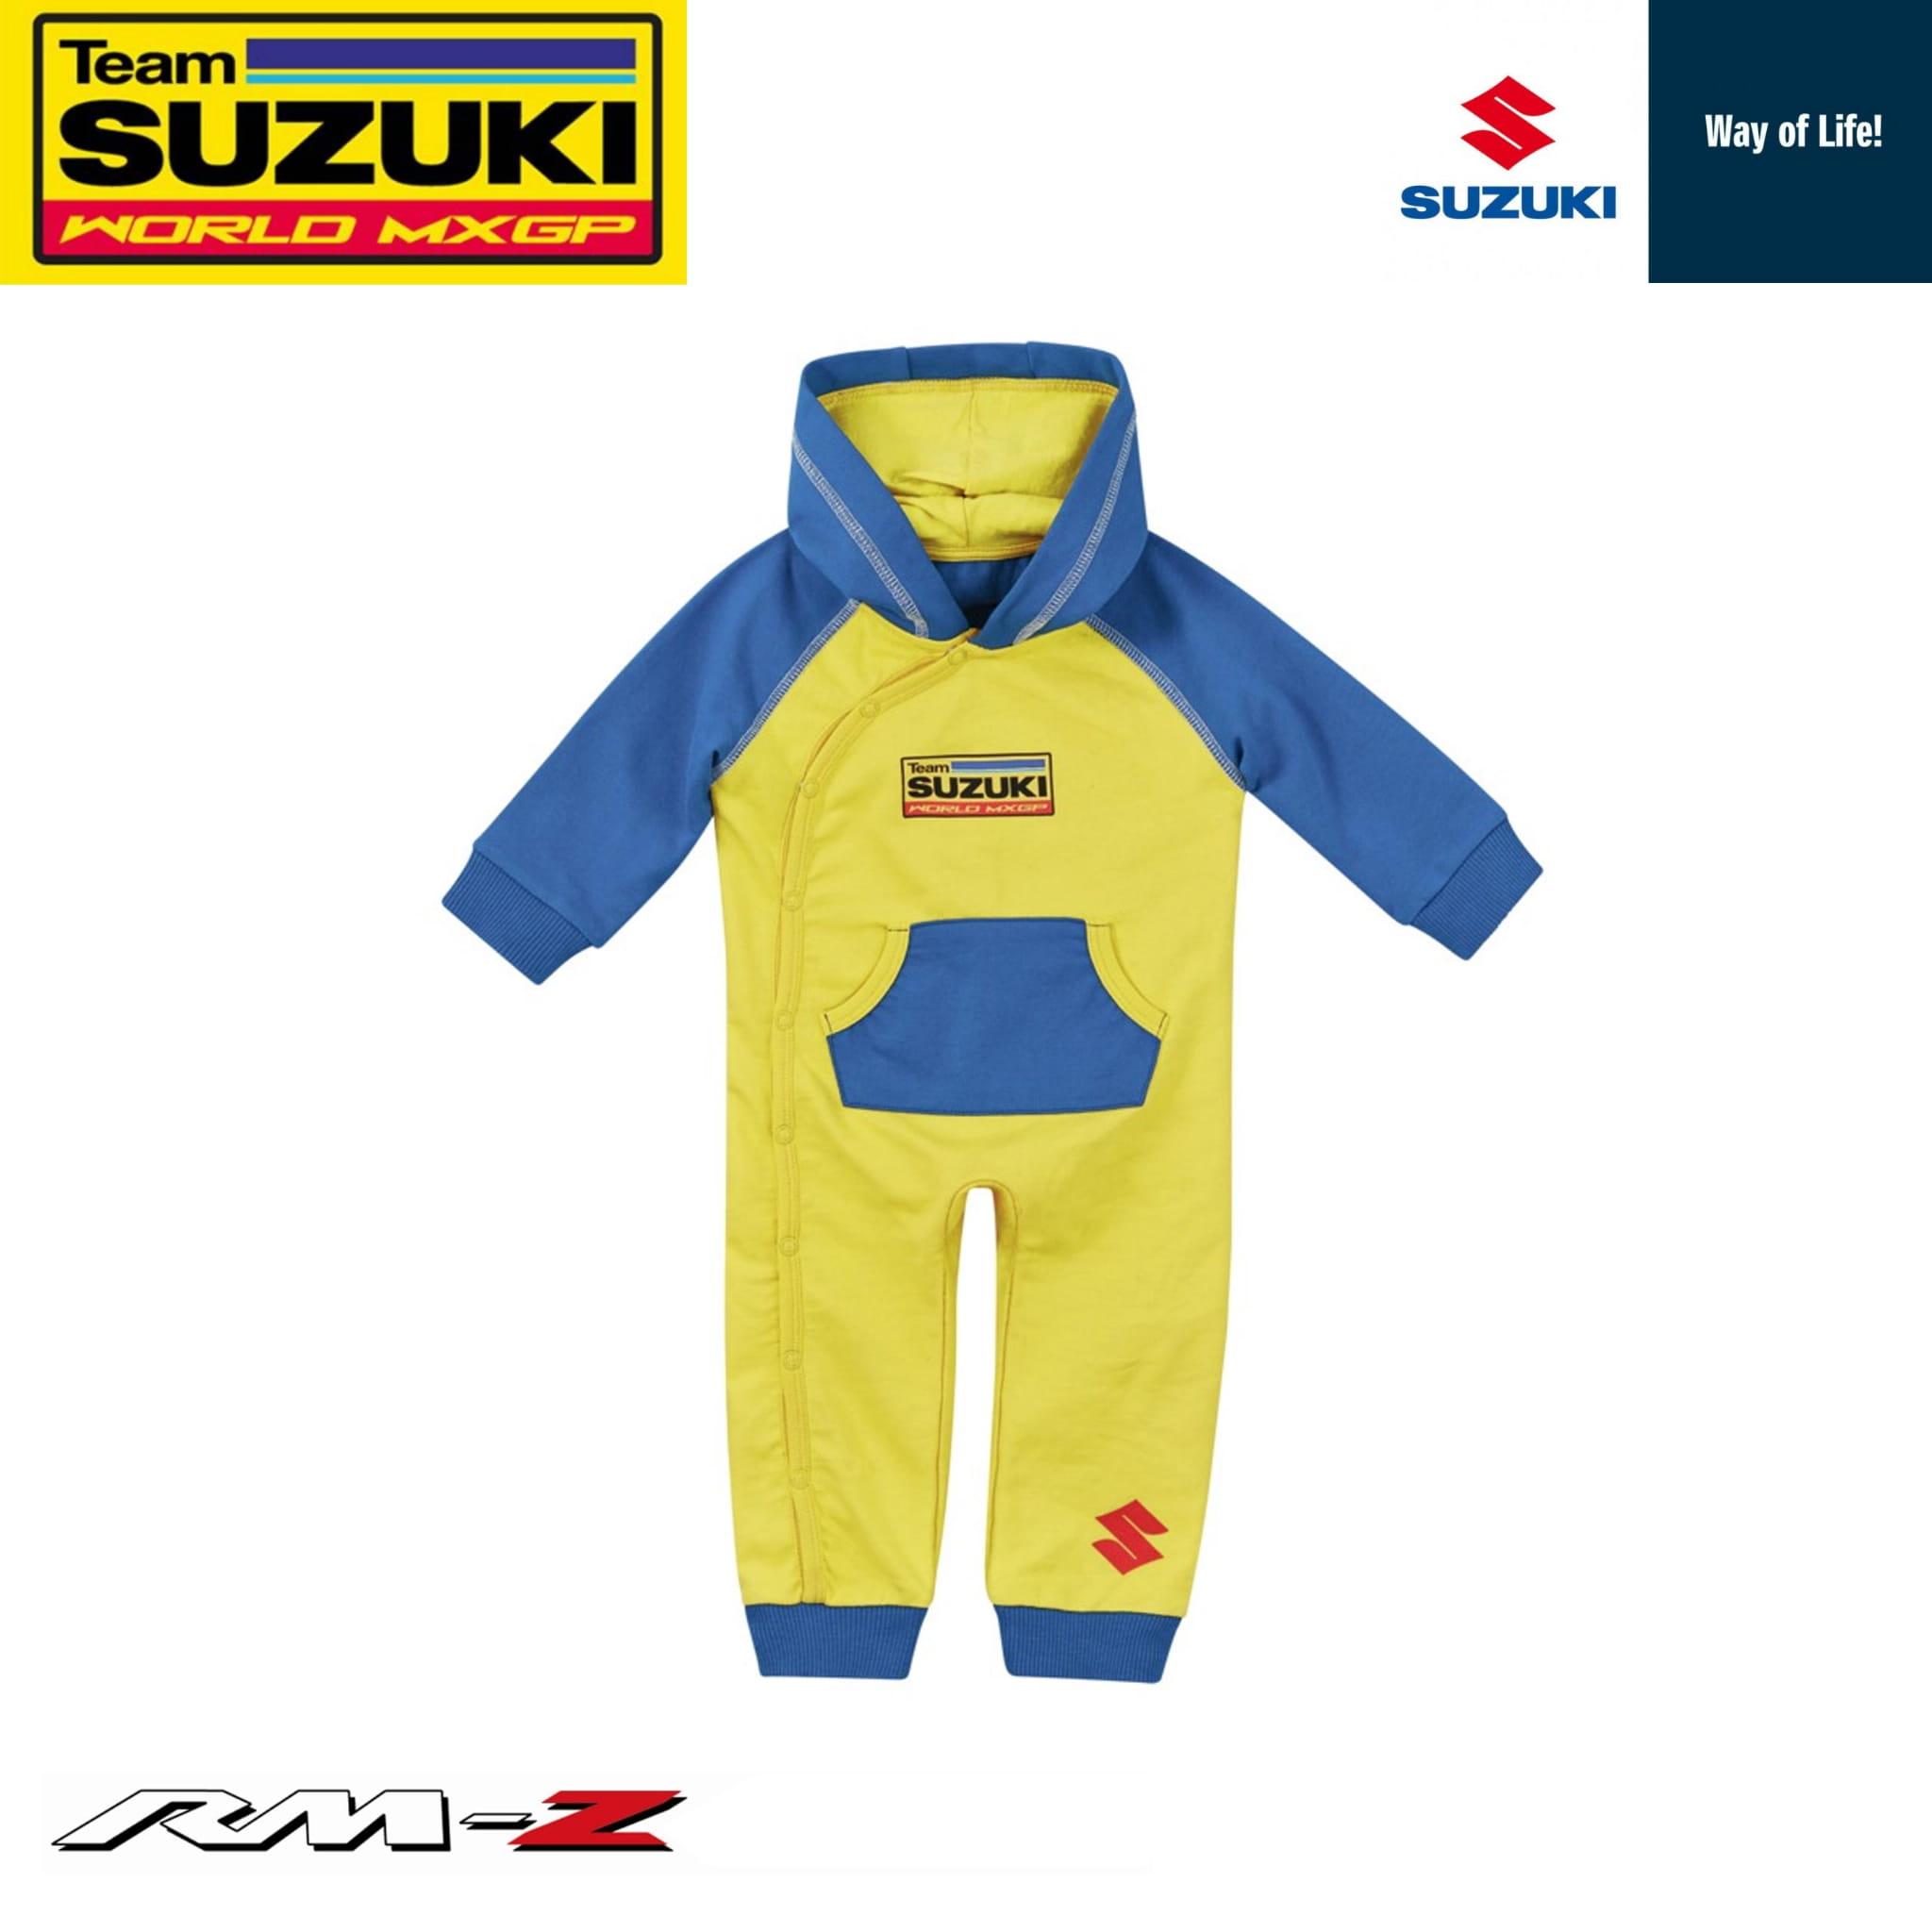 e309e5e665f3c Śpioszki dziecięce Suzuki MXGP części i akcesoria sklep online